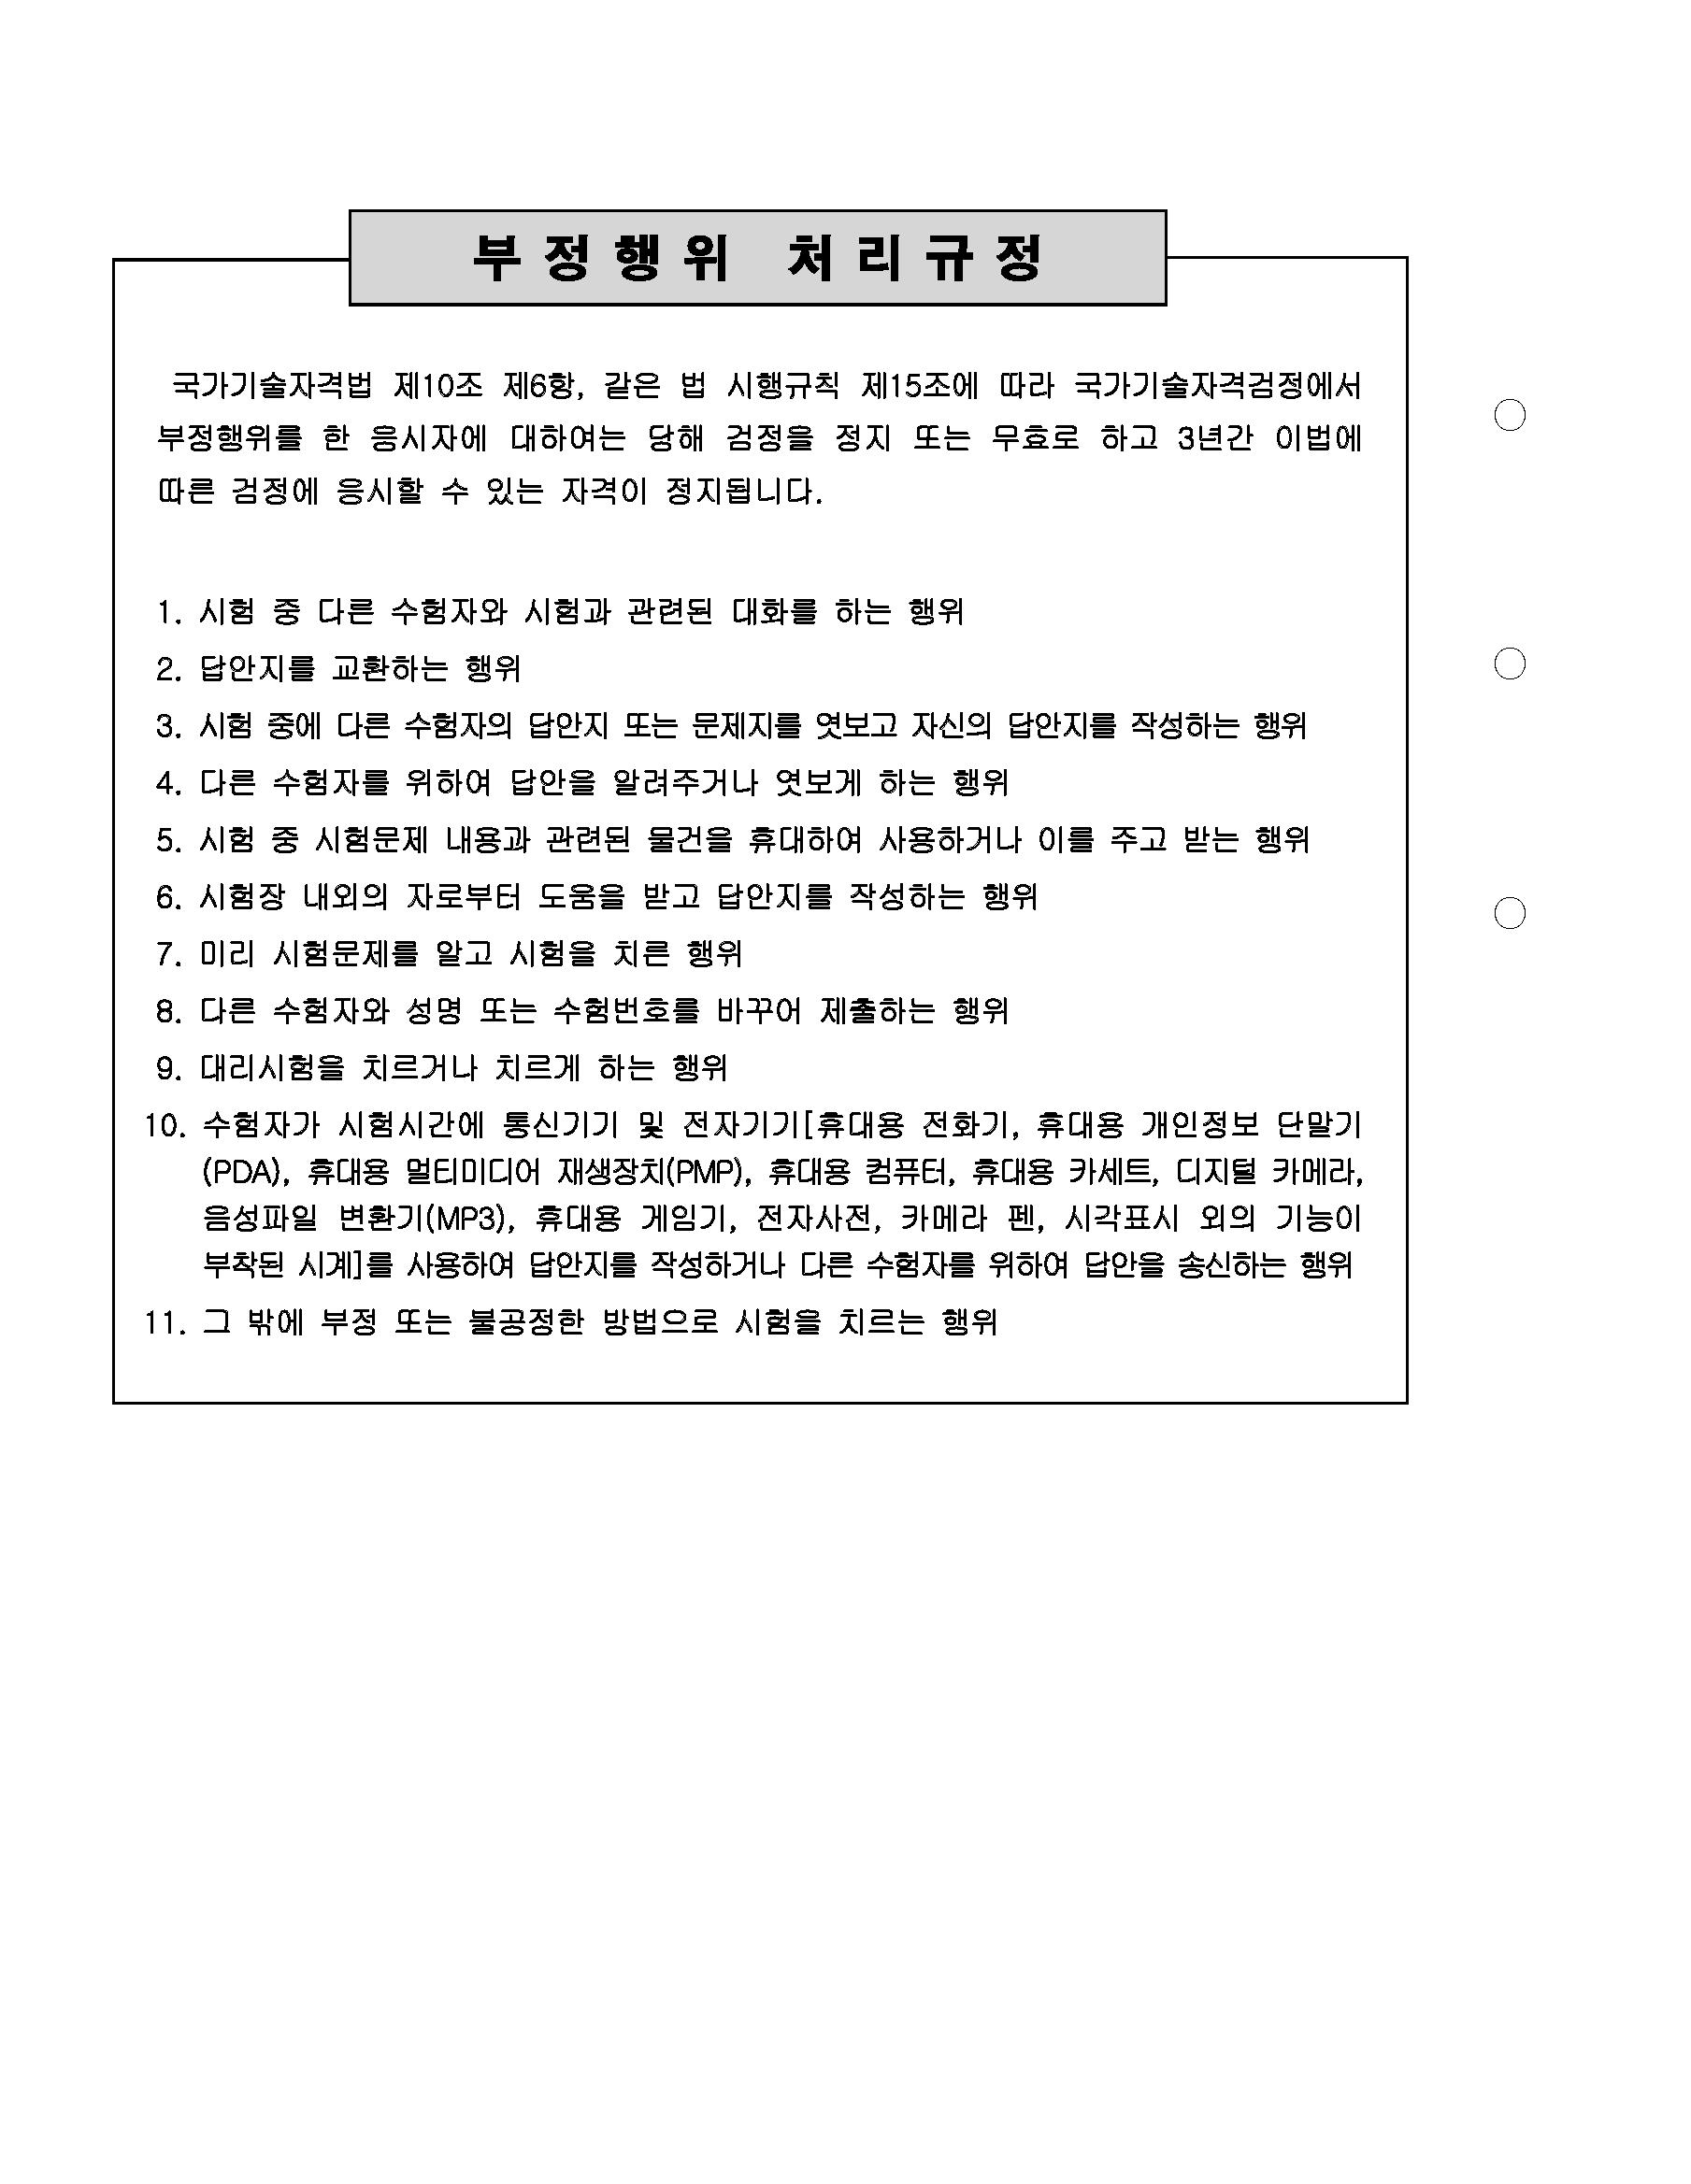 기술사 필기시험 답안지 양식_페이지_02.png